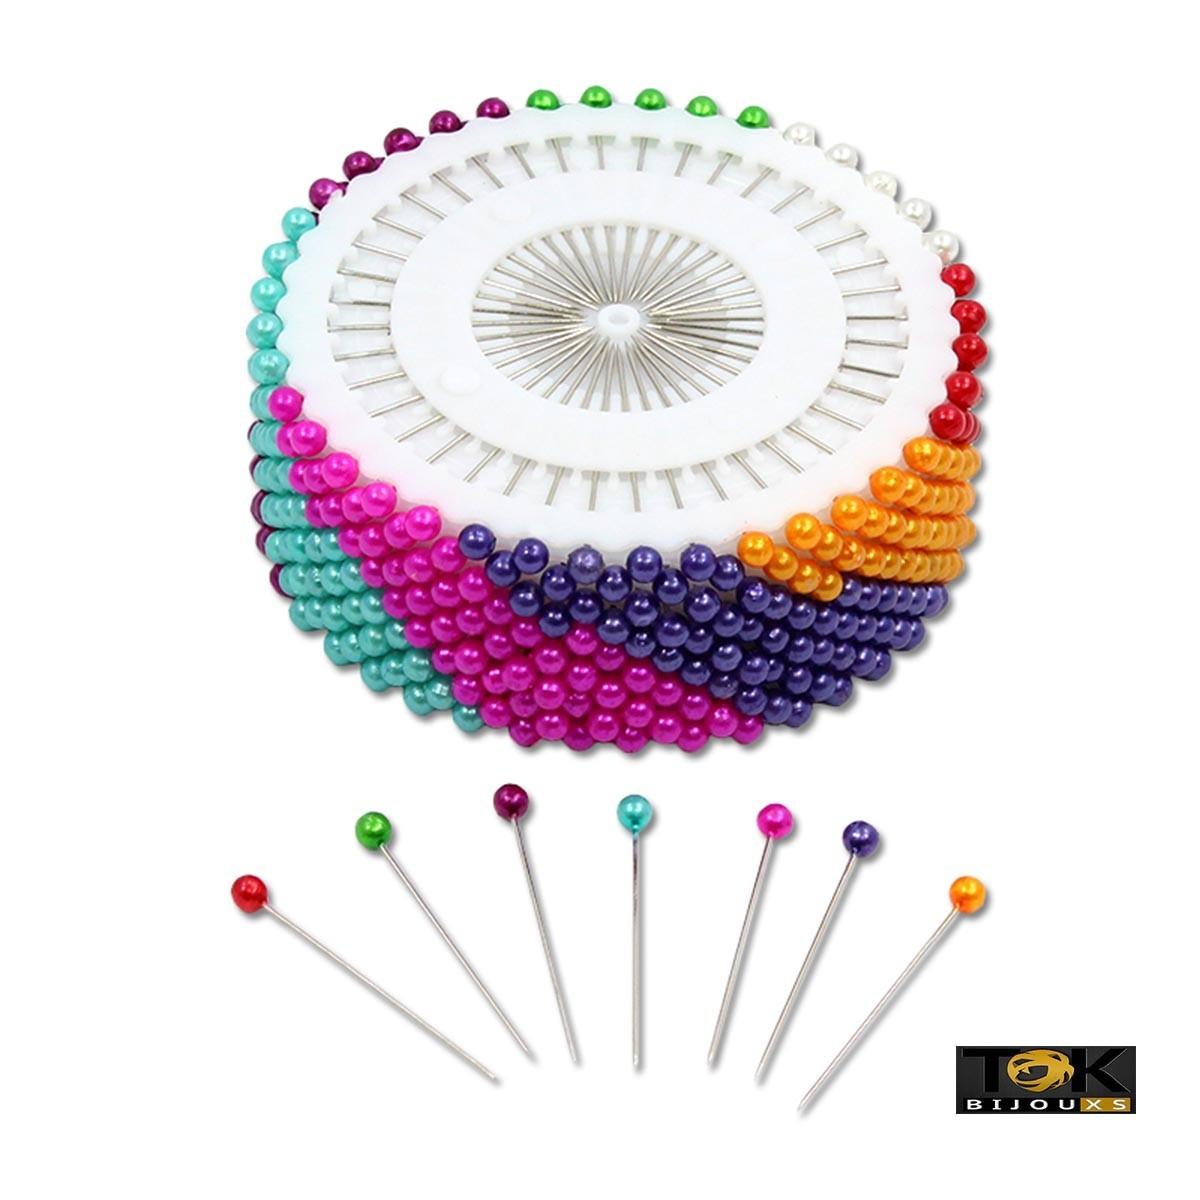 Alfinete Cabeça Colorida -12 Discos com 40 Alfinetes cada (480 Alfinetes)